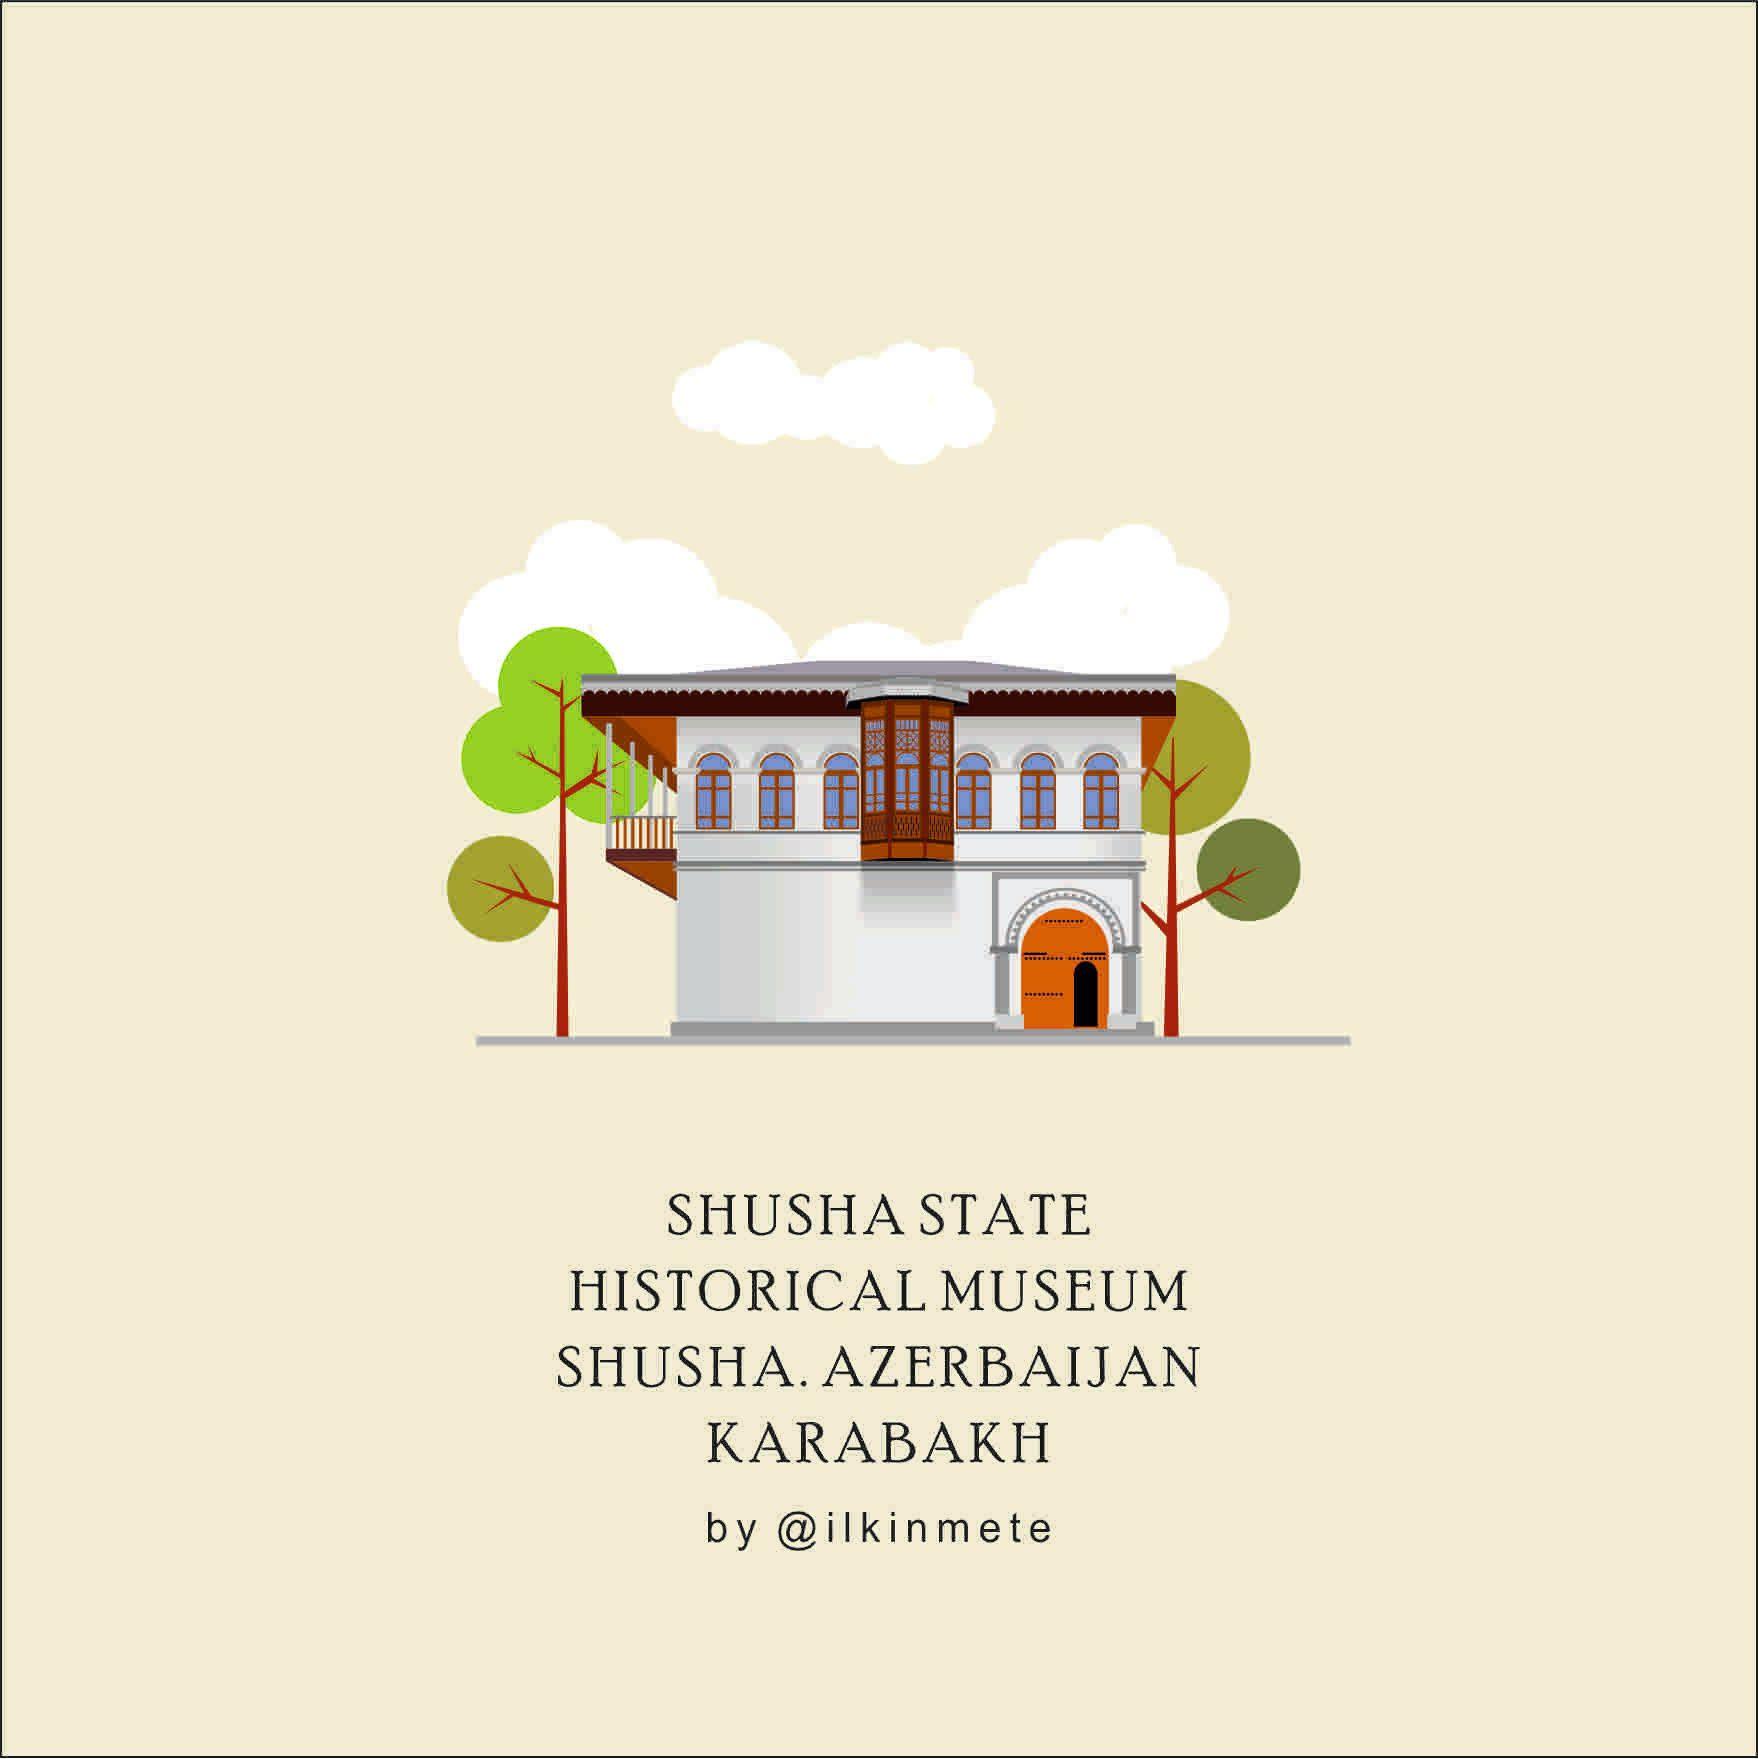 Oznakomtes S Moim Proektom Behance Vector Illustration Artsakh Karabakh Azerbaijan Https Www Behance Net Ga Vector Illustration Illustration Azerbaijan